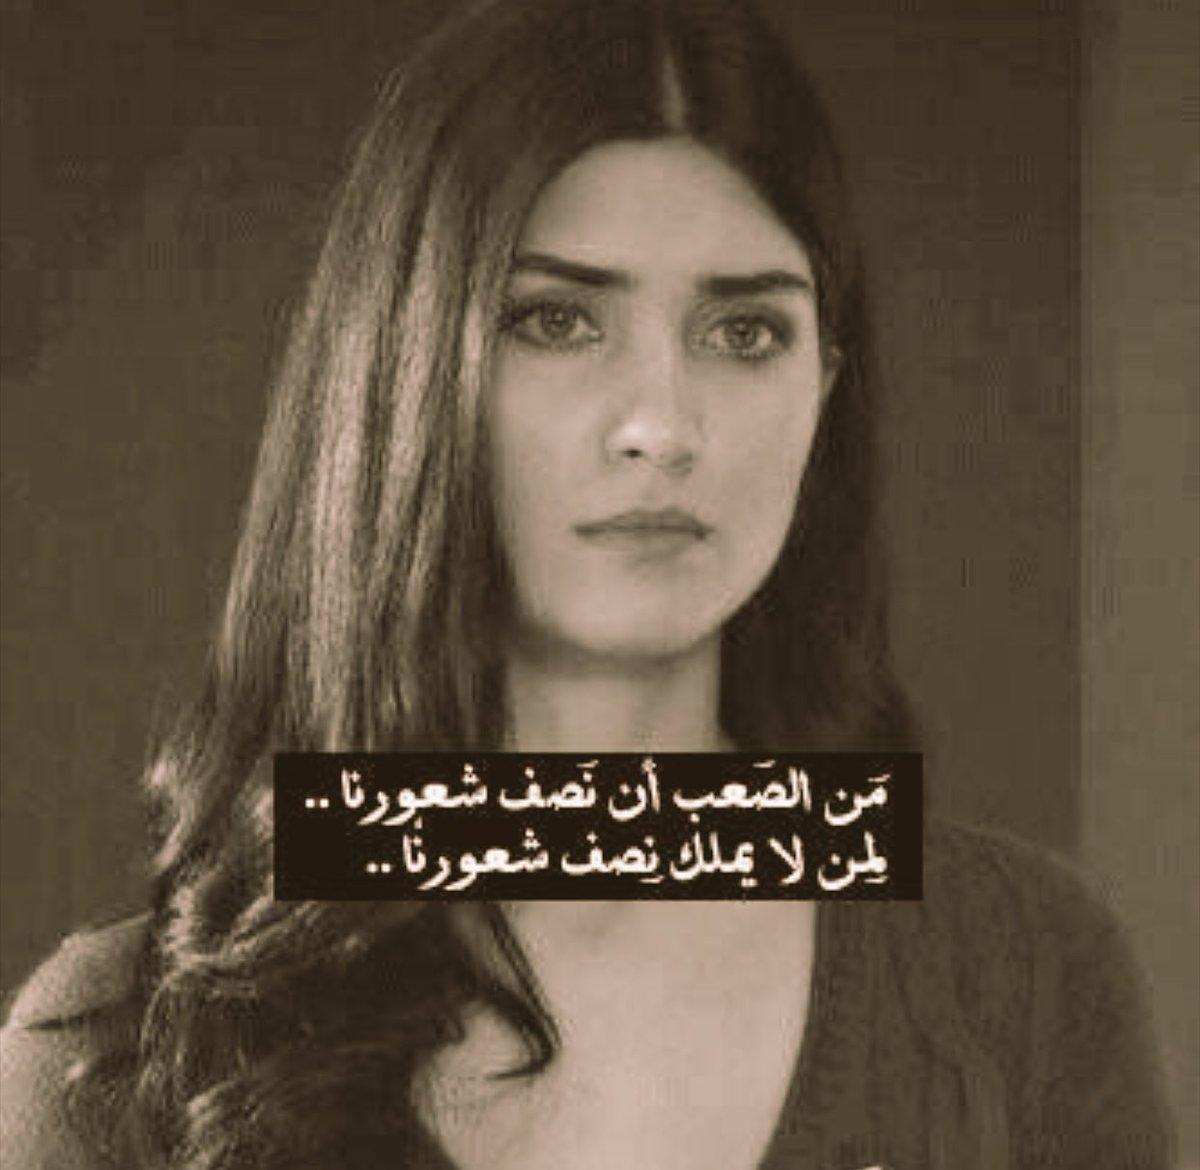 صورة رسائل زعل تويتر , مني ليه زعلان يا احلى من الرمان